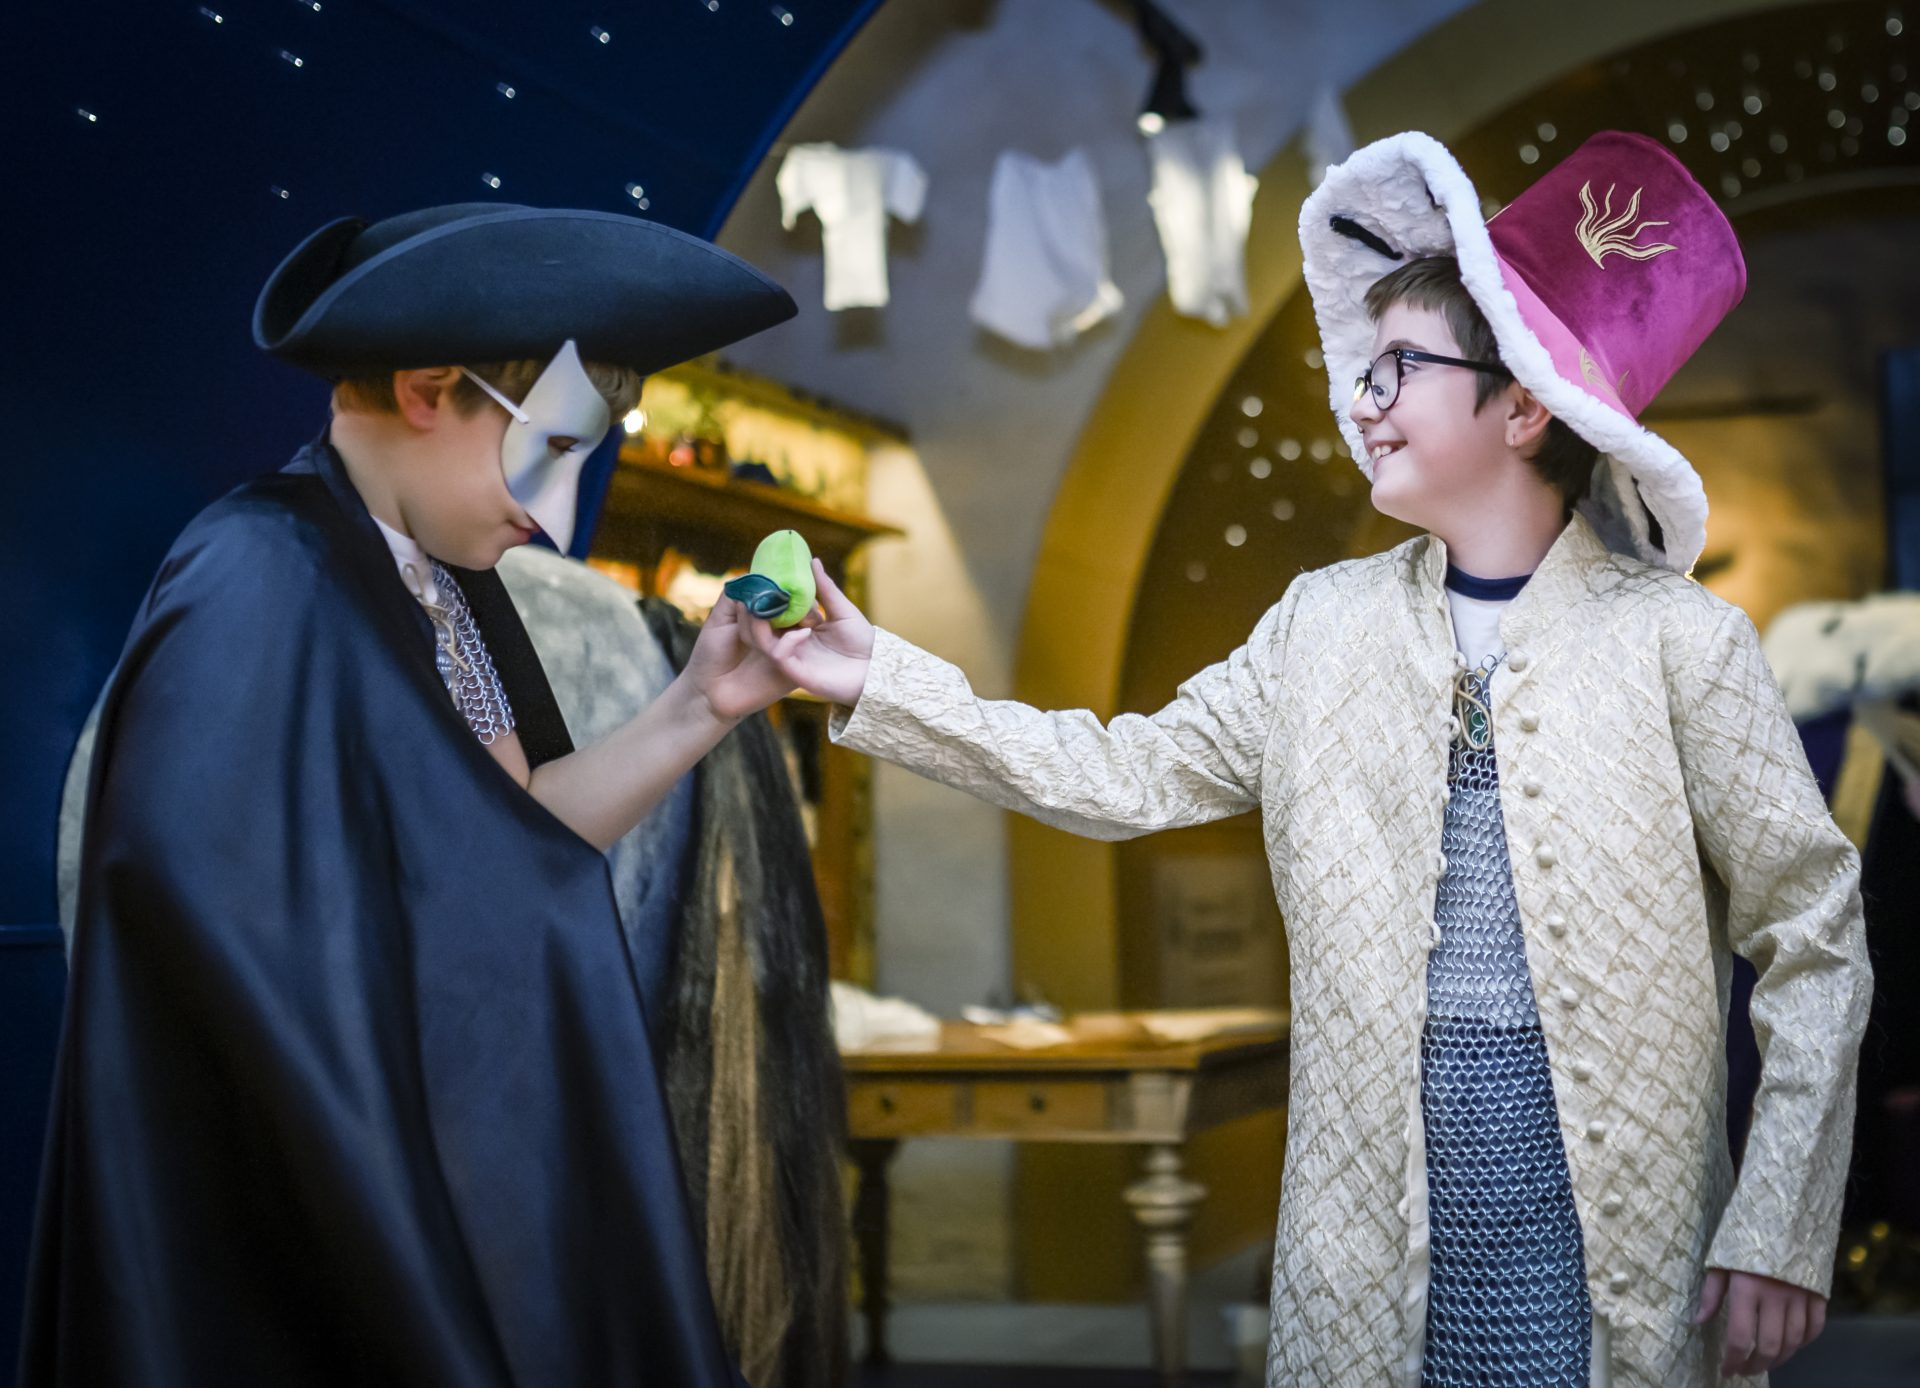 Två barn som är utklädda i kungliga kläder och leker i Lilla Rustkammaren